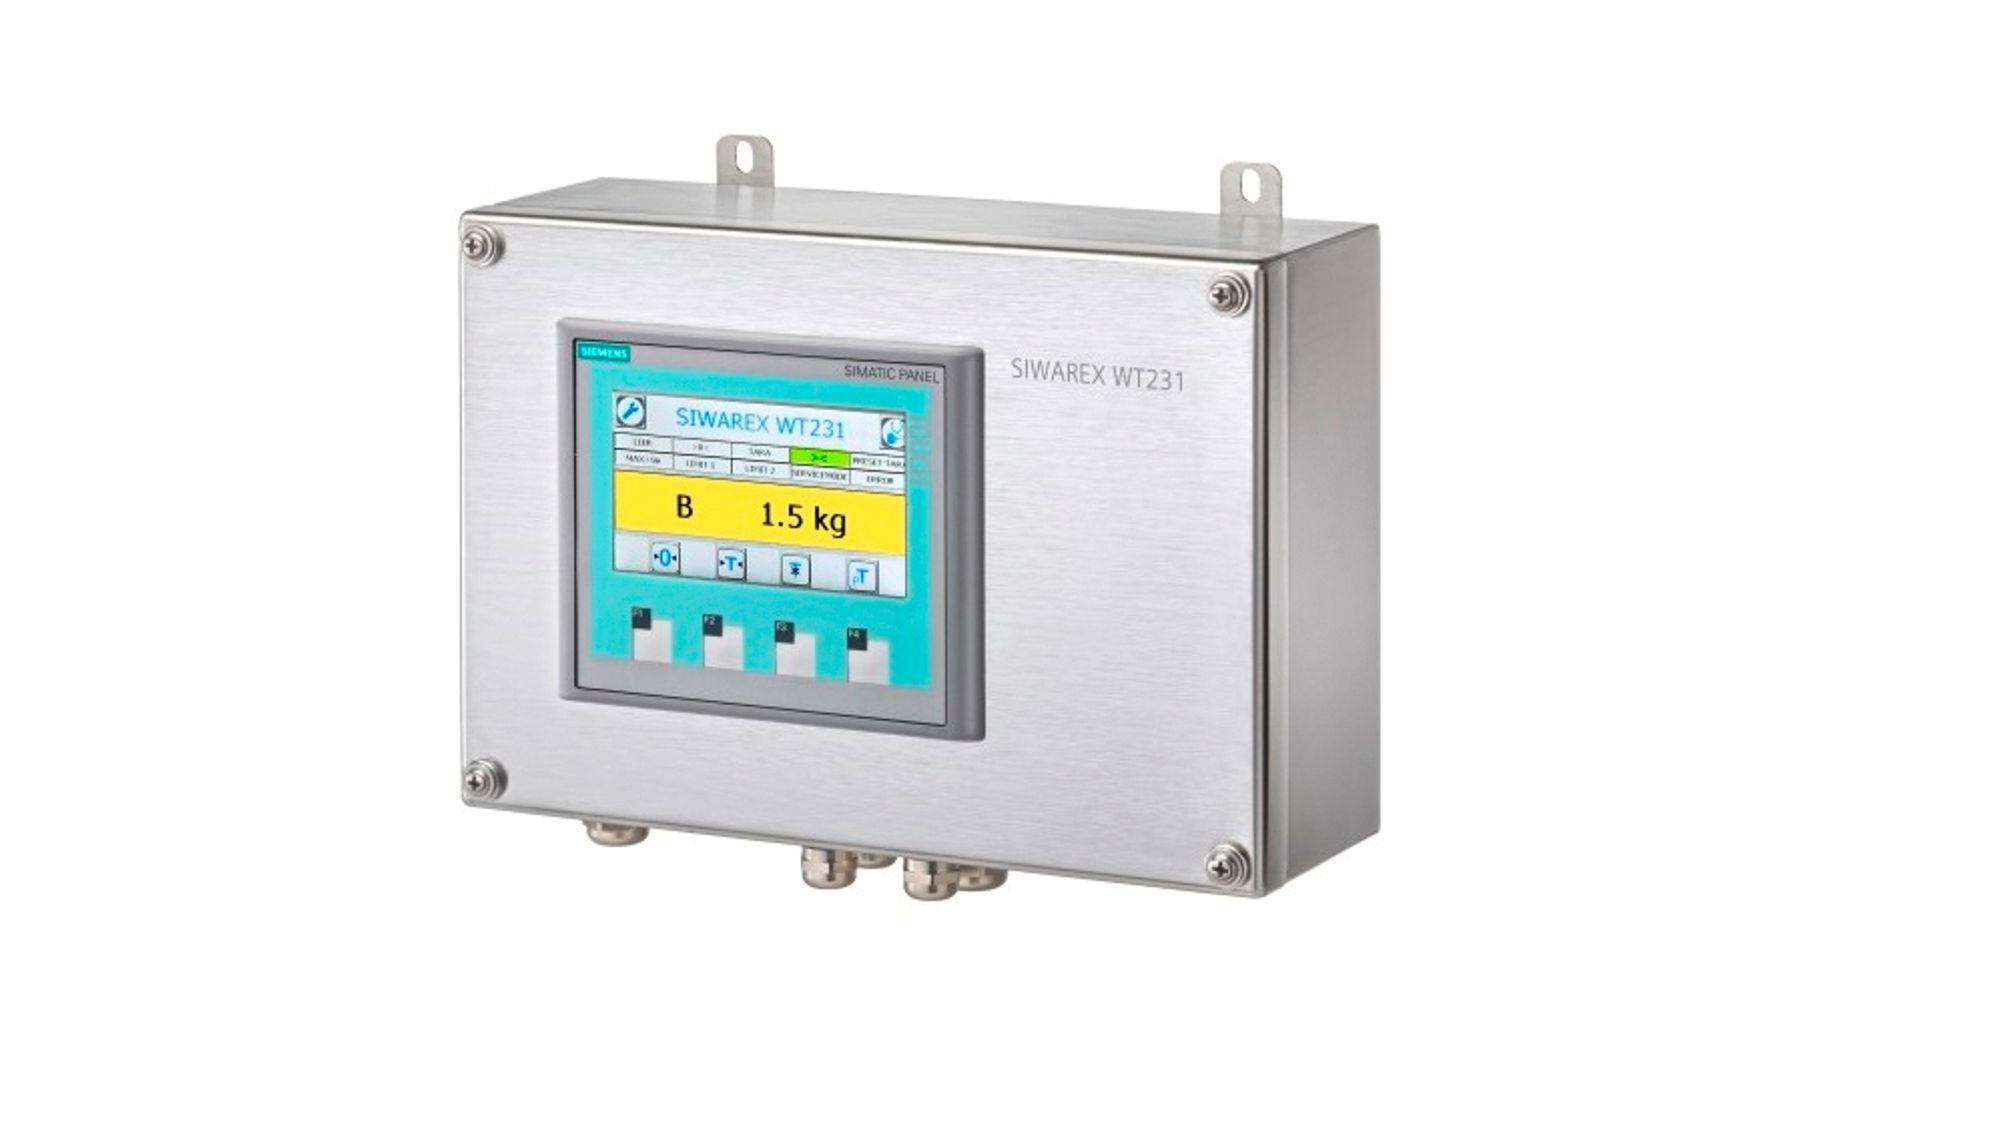 Siwarex WT231 fra Siemens